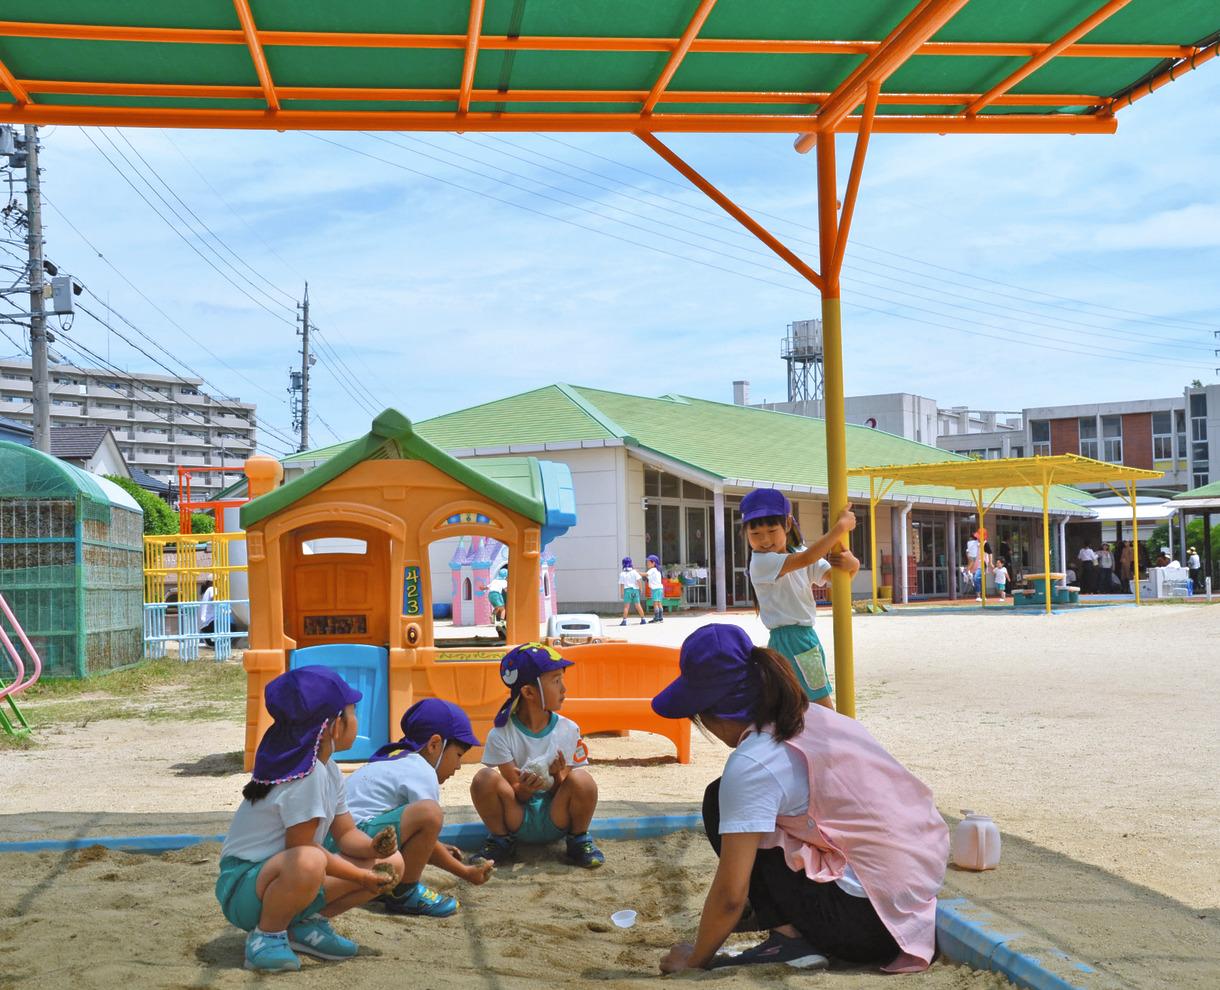 ae48f3f45e 首まで覆う帽子をかぶり、日陰で遊ぶ園児たち=愛知県豊明市の名古屋短期大付属幼稚園で